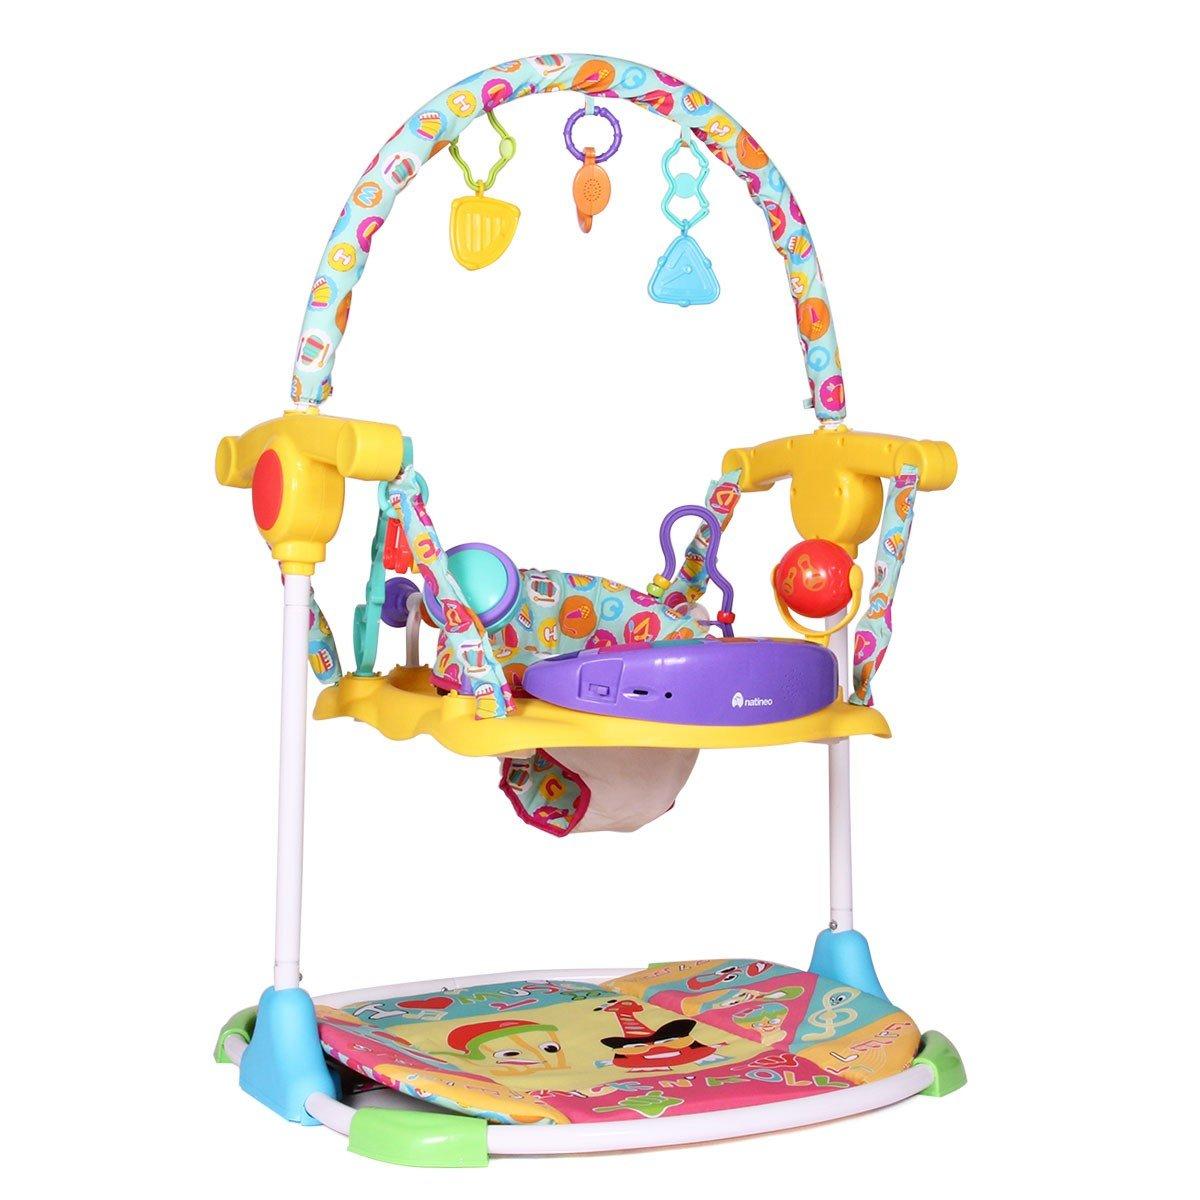 Natineo Baby Jumper Hip N Hop - Saltador para bebé, multicolor ...